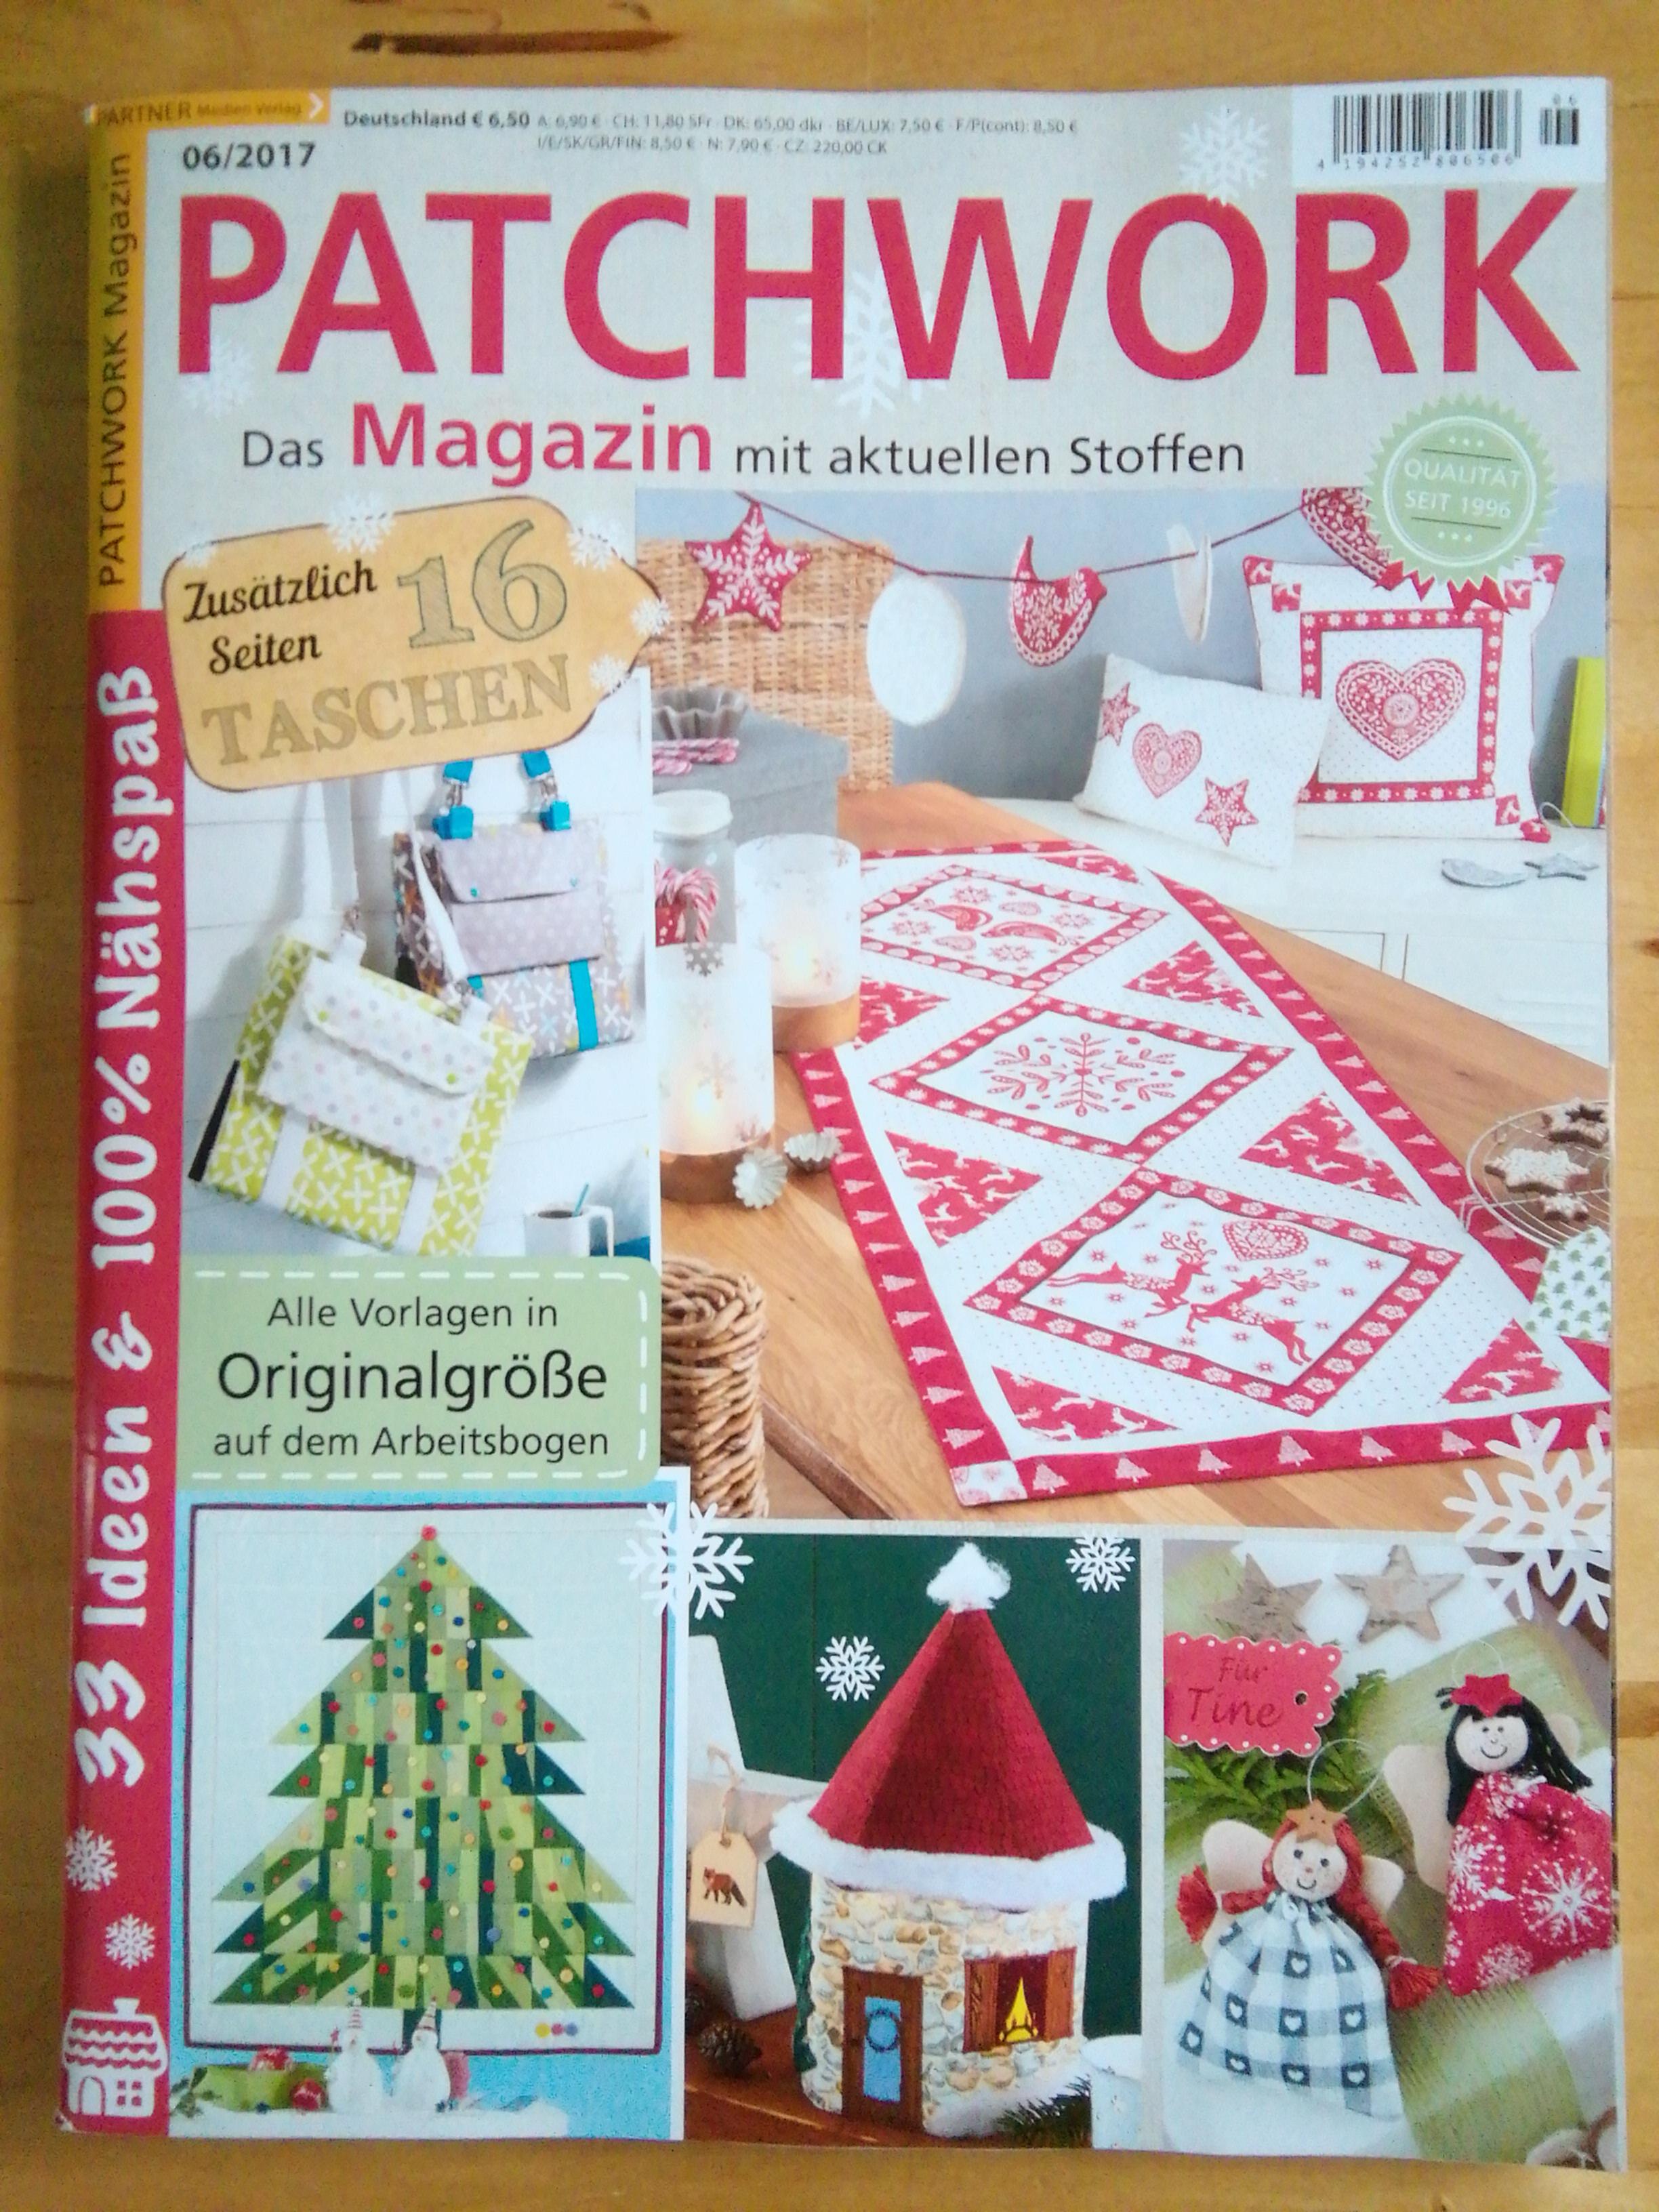 Im Patchwork Magazin 06/2017  findet sich die Anleitungzum Wichtellichterheim.